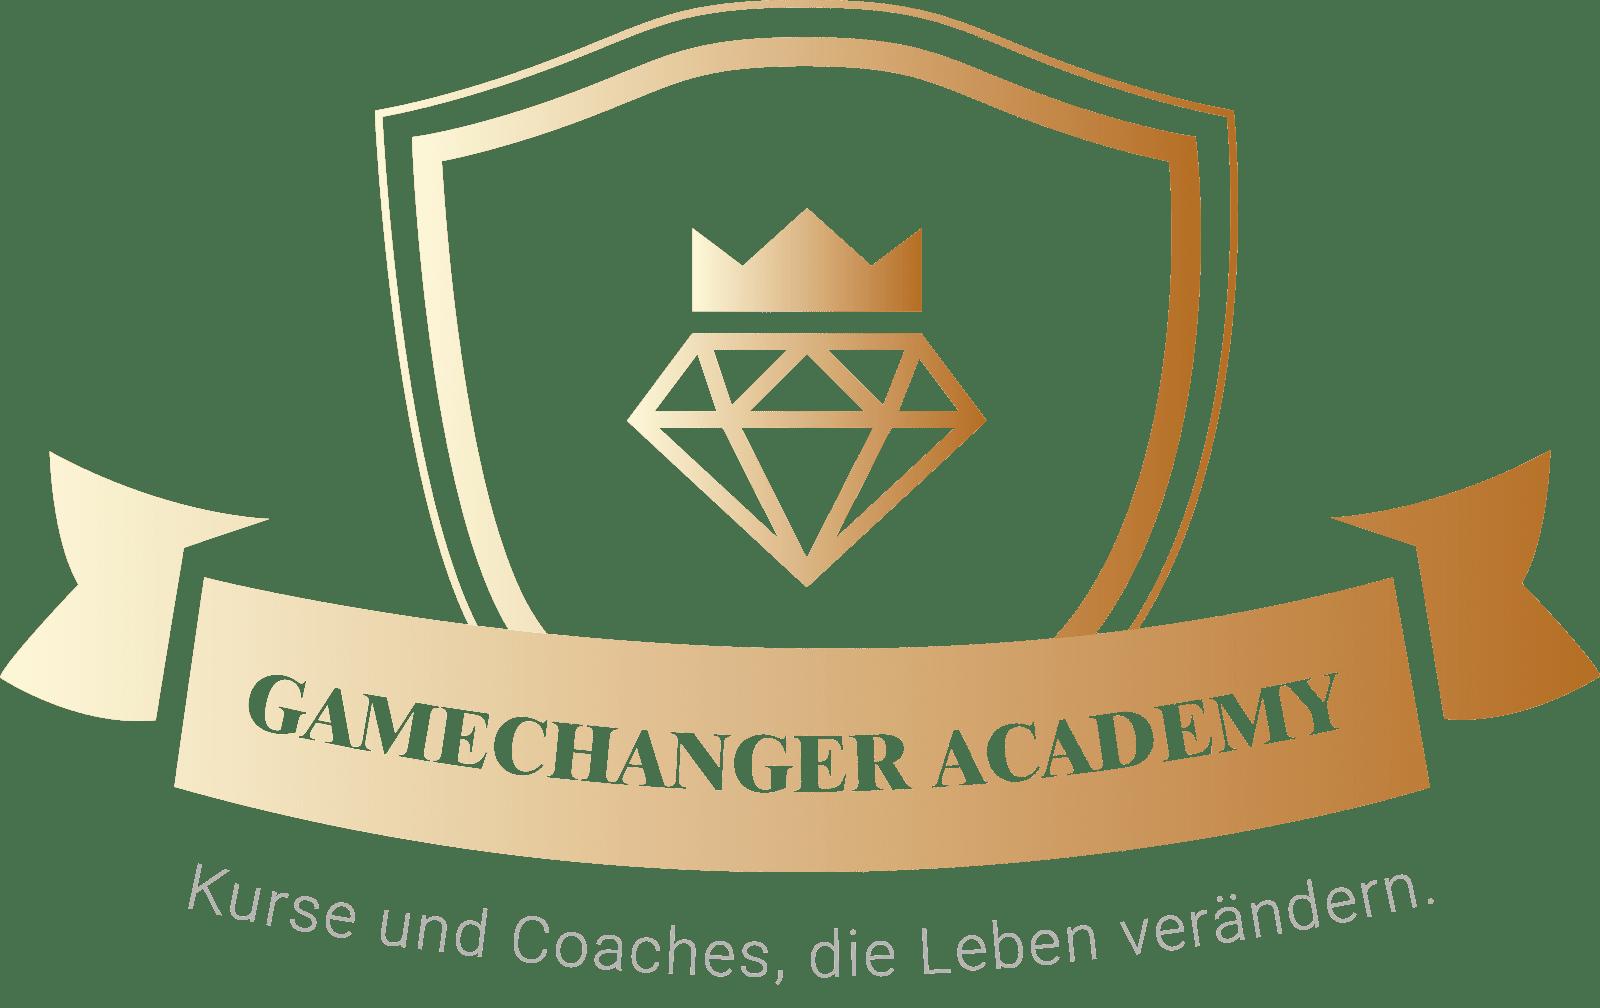 Gamechanger Academy